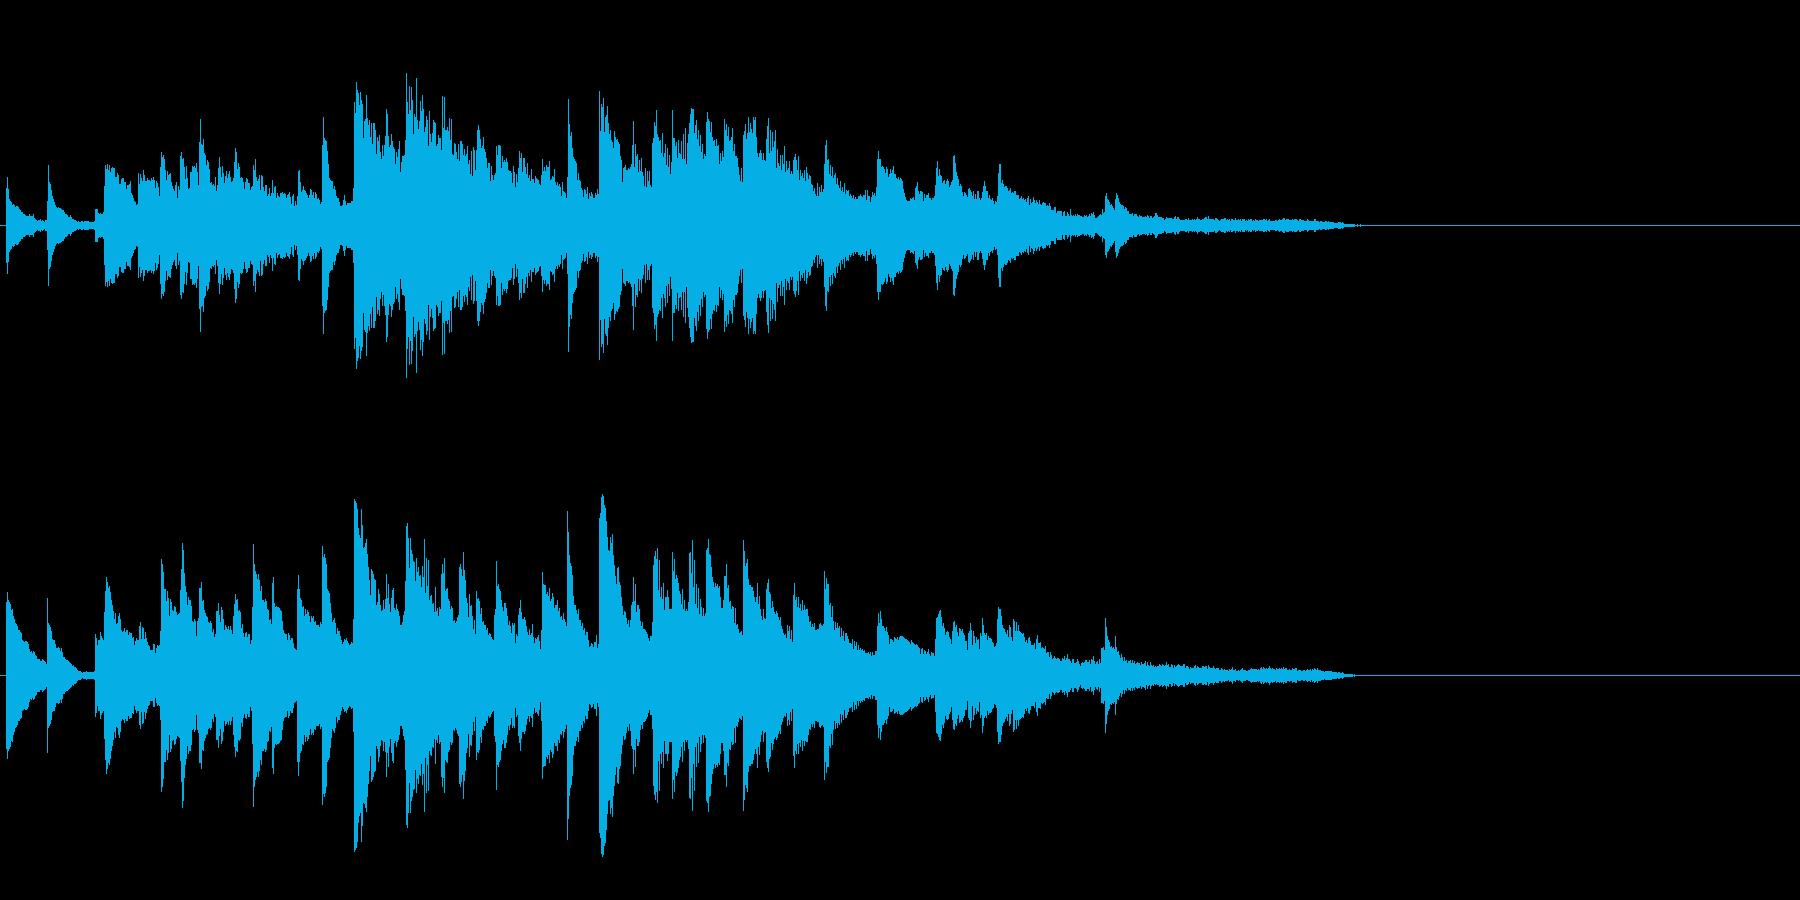 感動系ピアノBGMの再生済みの波形